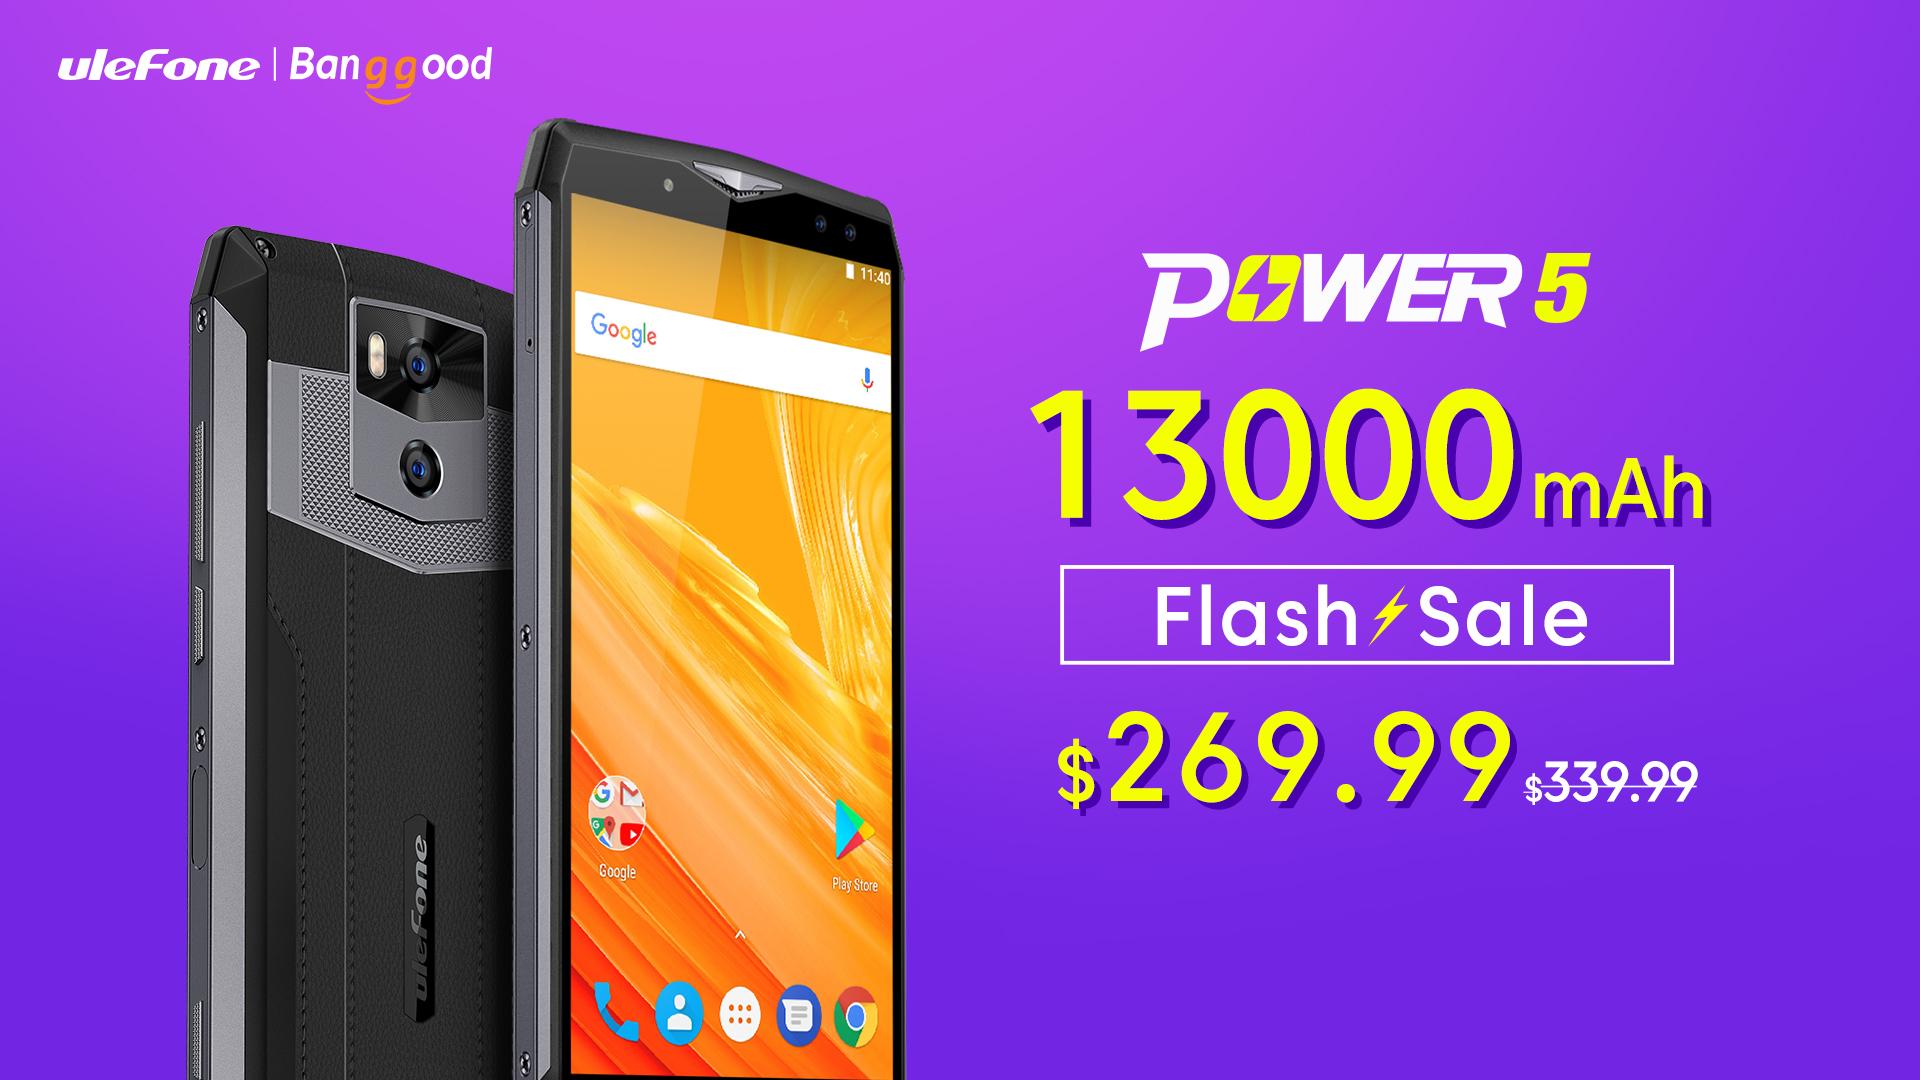 Ulefone Power 5 nyní za exkluzivní cenu [Sponzorovaný článek]